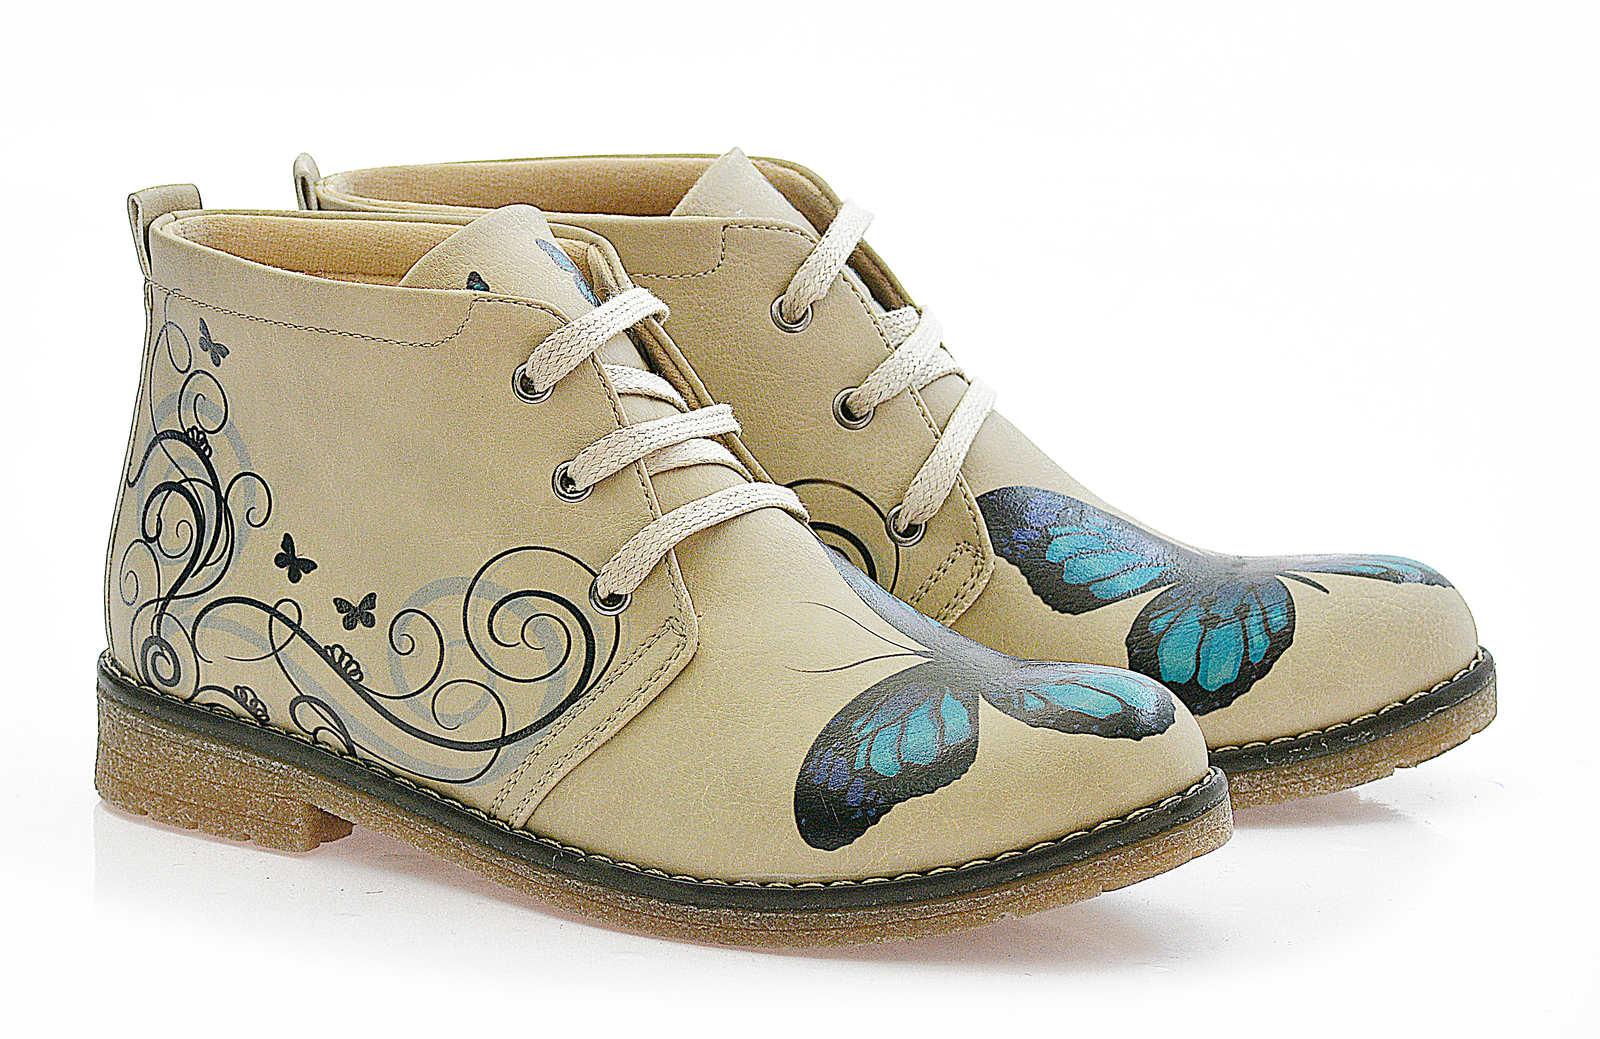 Goby béžové kotníkové boty Butterfly